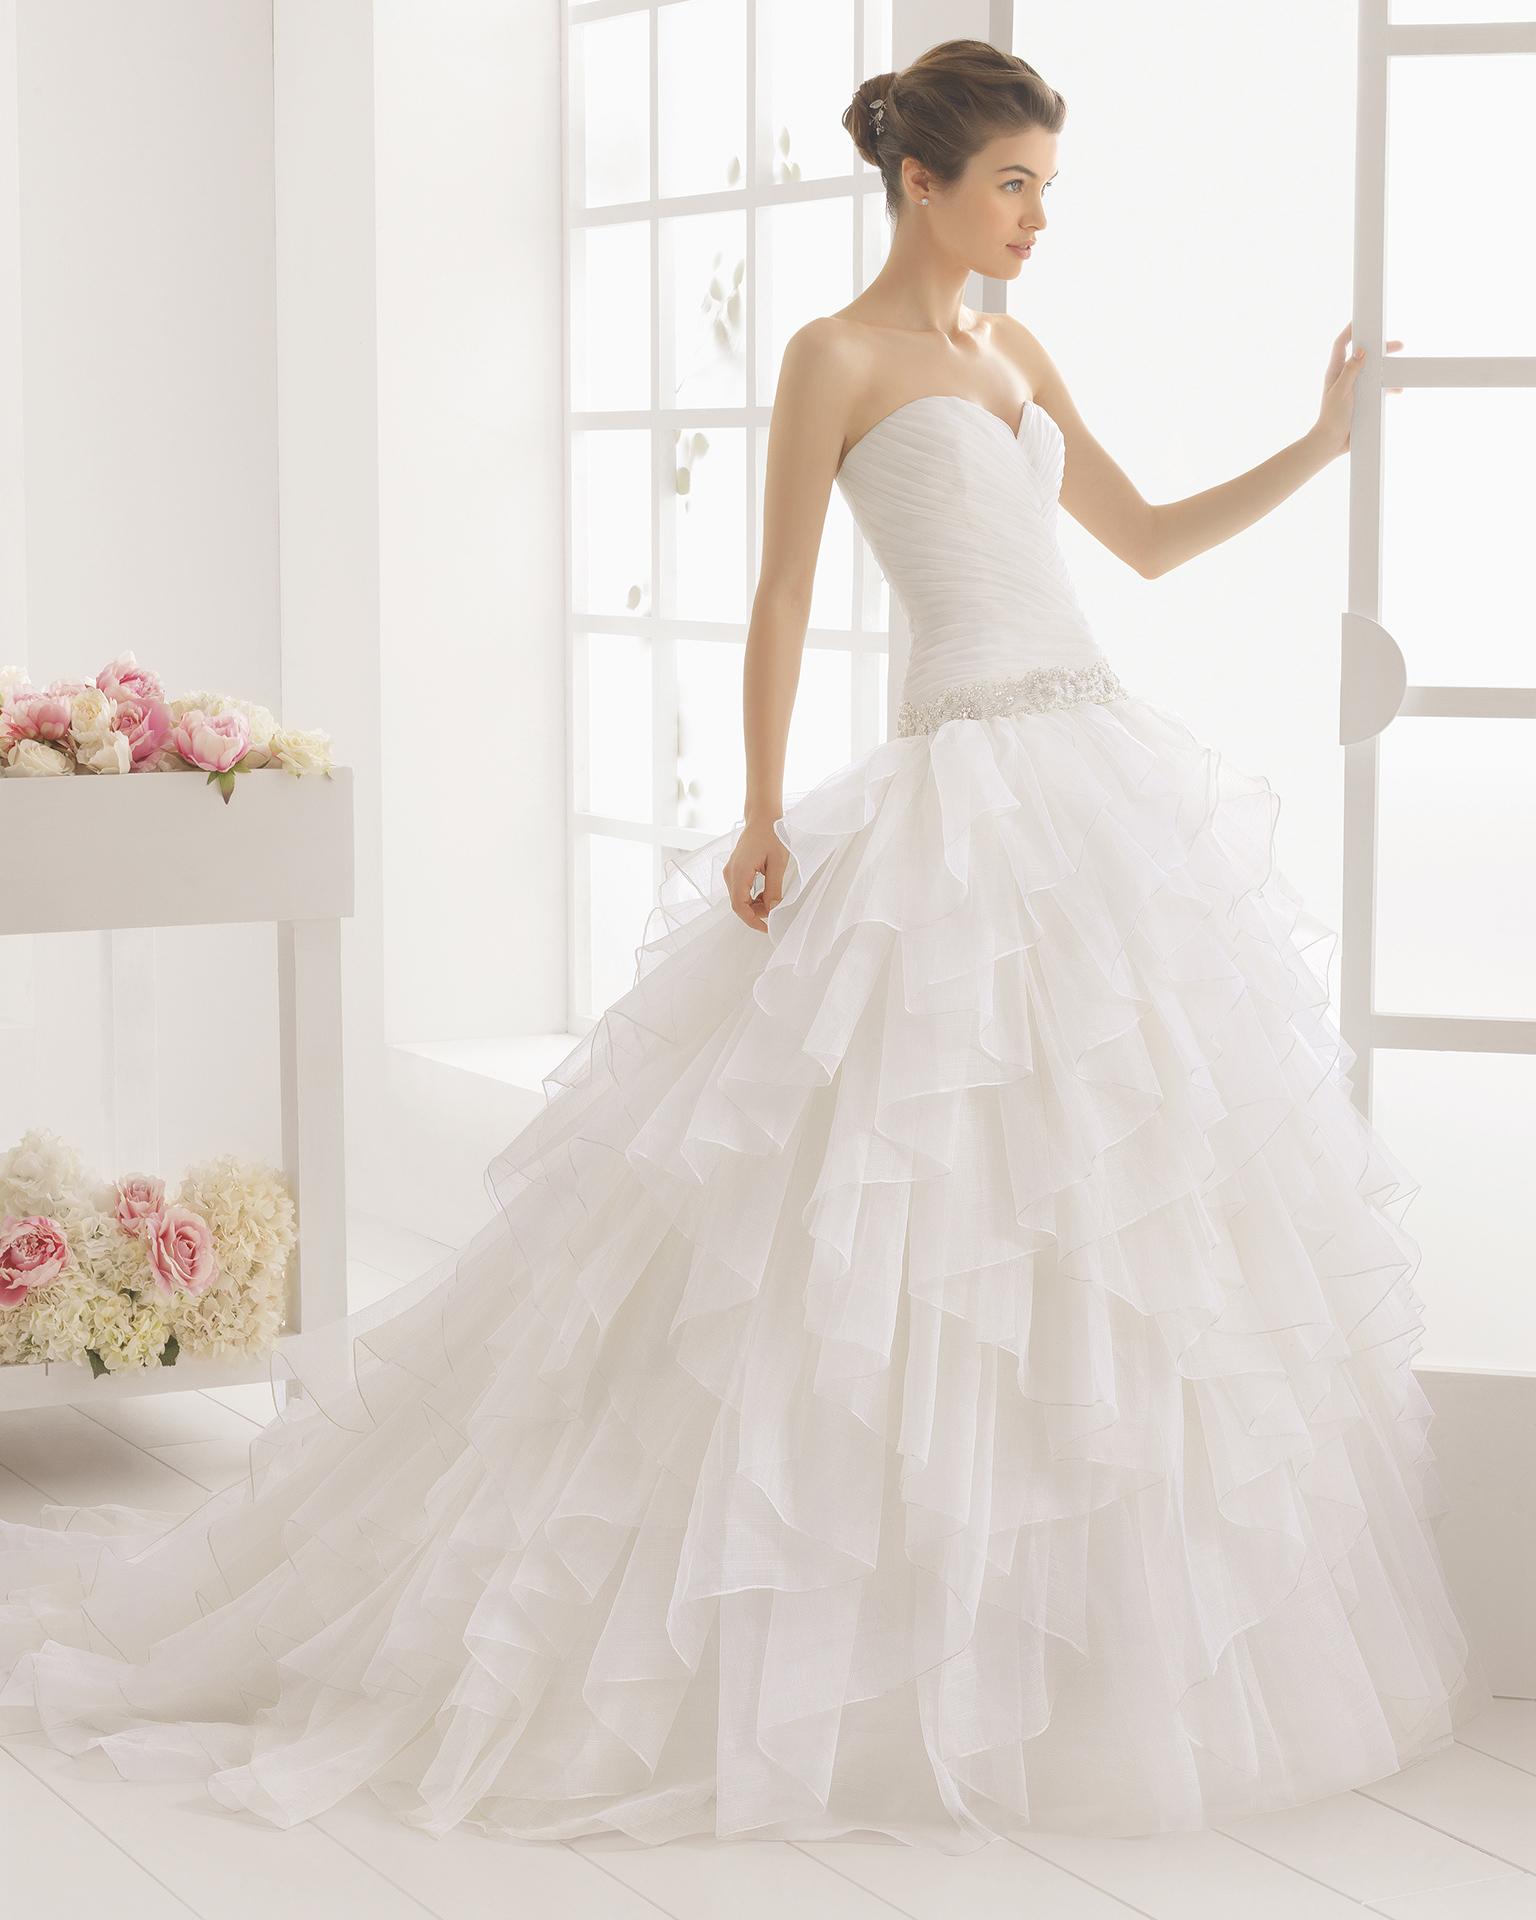 Tienda de vestidos de novia aire barcelona